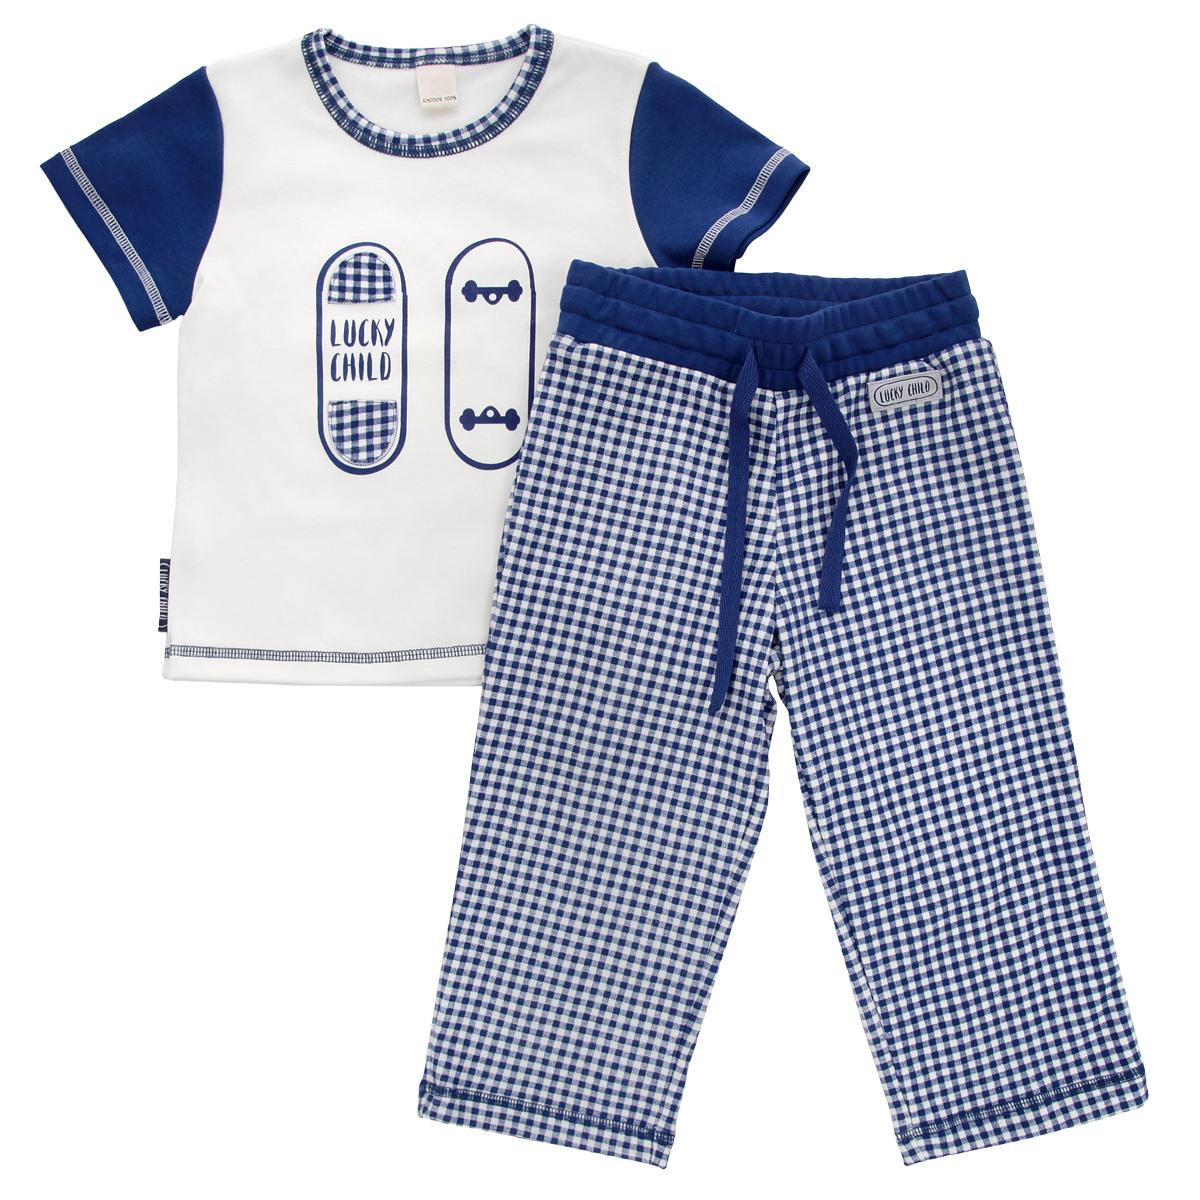 Пижама для мальчика Lucky Child, цвет: синий, молочный. 13-403. Размер 104/11013-403Очаровательная пижама для мальчика Lucky Child, состоящая из футболки и брюк, идеально подойдет вашему маленькому мужчине и станет отличным дополнением к детскому гардеробу. Изготовленная из натурального хлопка - интерлока, она необычайно мягкая и приятная на ощупь, не раздражает нежную кожу ребенка и хорошо вентилируется, а эластичные швы приятны телу и не препятствуют его движениям.Футболка с короткими рукавами и круглым вырезом горловины оформлена спереди оригинальной аппликацией и принтом с изображением скейтборда. Горловина оформлена принтом в клетку. Низ рукавов и низ изделия оформлены контрастной фигурной прострочкой. Брюки на талии имеют широкий эластичный пояс со шнурком, благодаря чему они не сдавливают животик ребенка и не сползают. Оформлены брюки принтом в клетку и небольшой нашивкой с названием бренда. Такая пижама идеально подойдет вашему ребенку, а мягкие полотна позволят ему комфортно чувствовать себя во время сна!